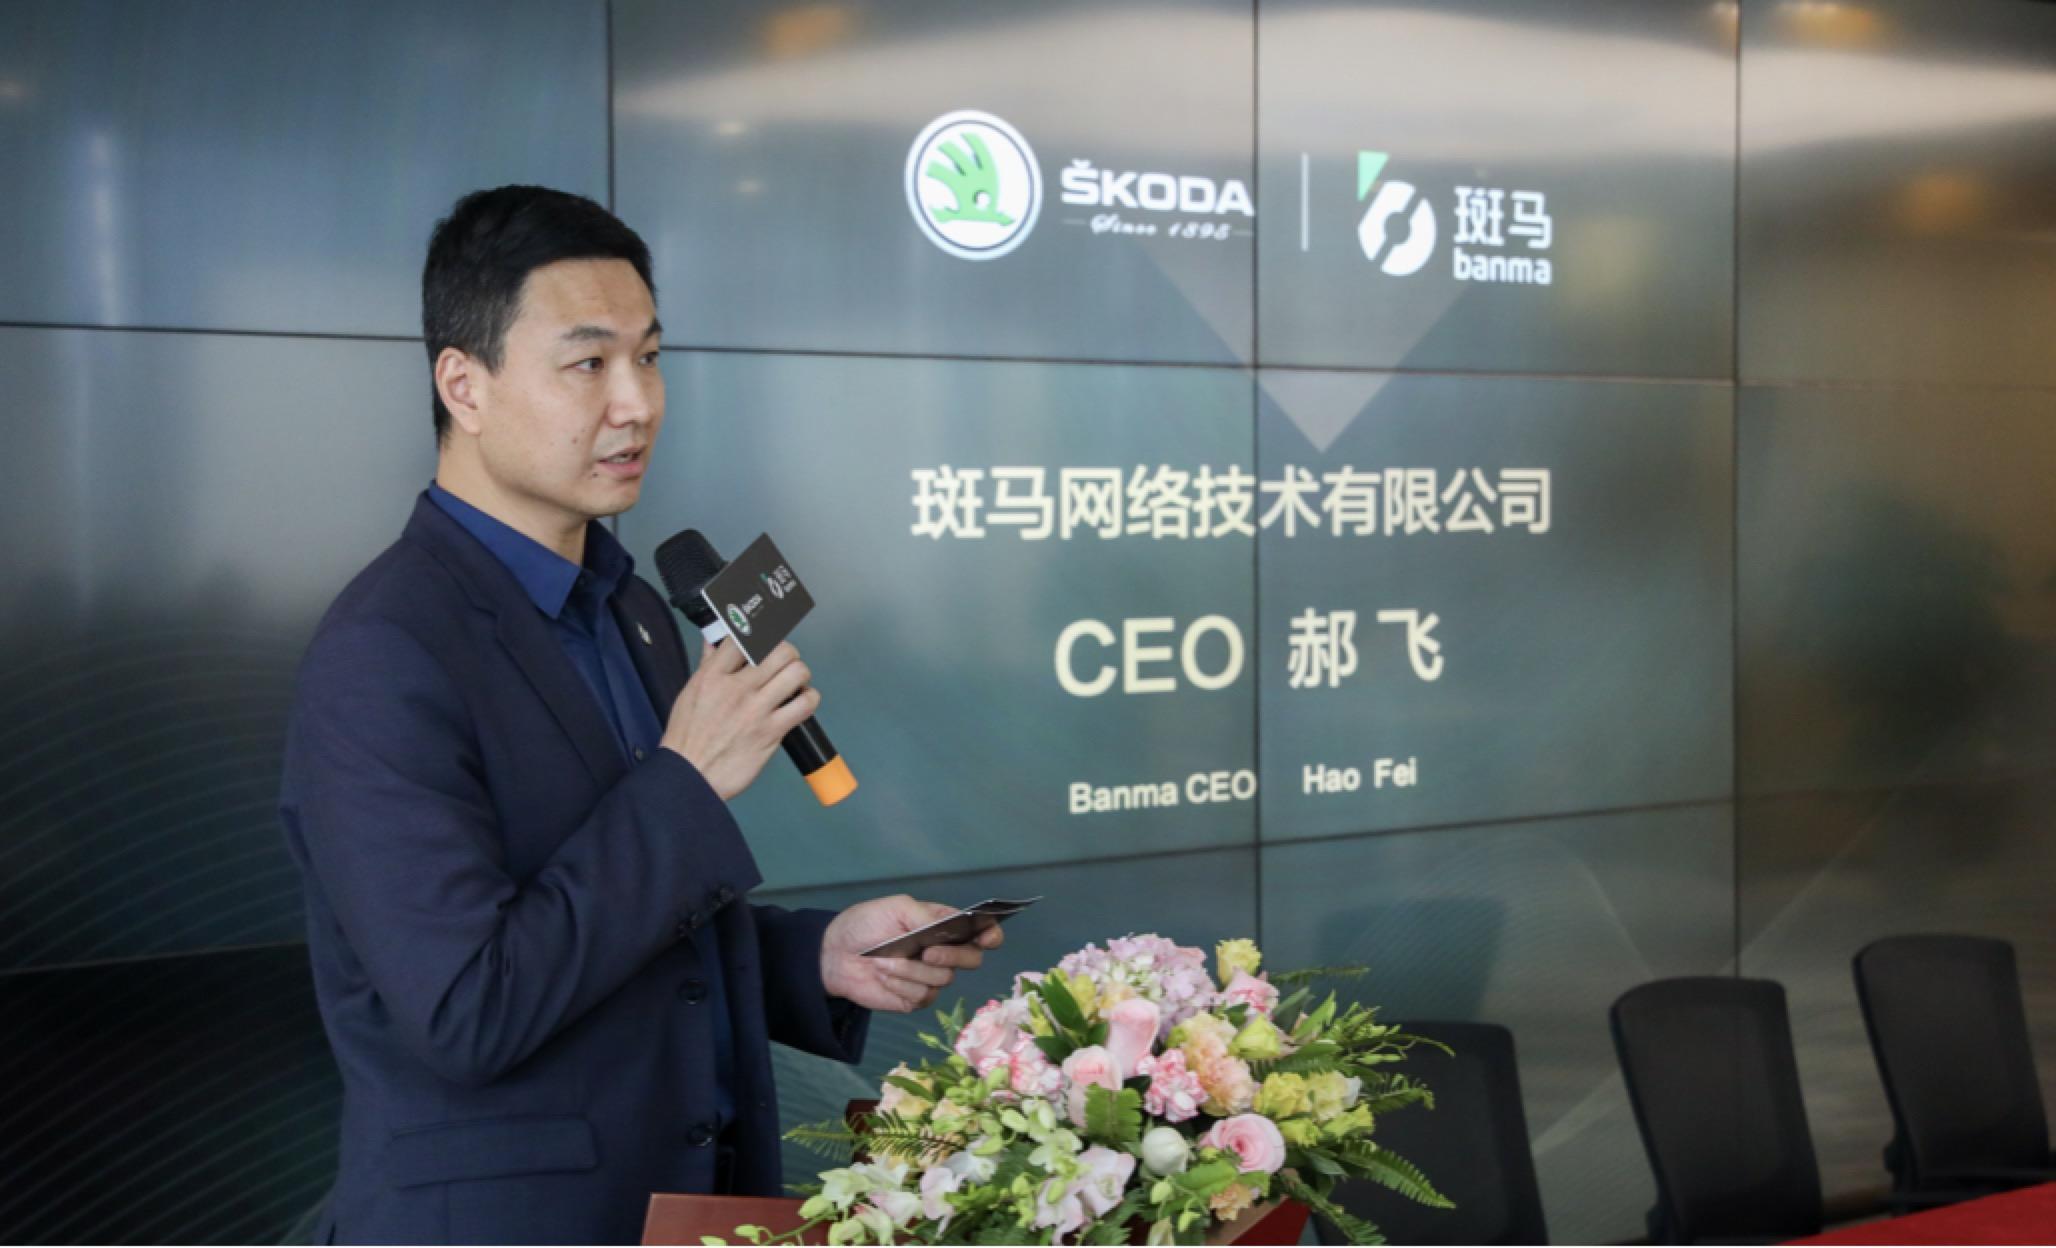 斑馬網絡CEO 郝飛